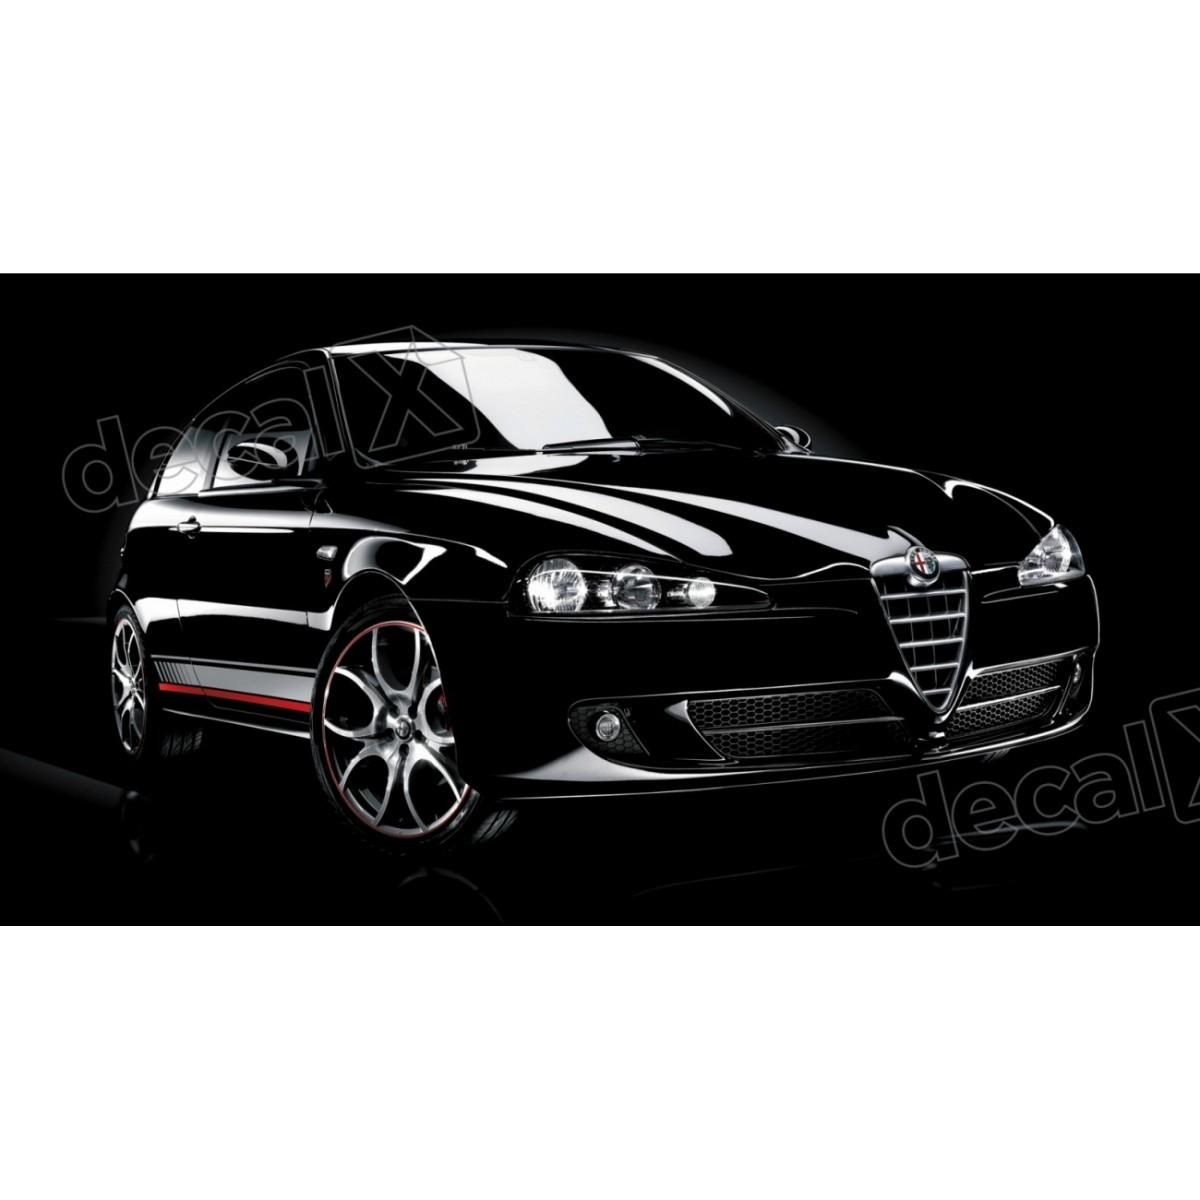 Adesivo Alfa Romeo Faixa Lateral 3m Fa03